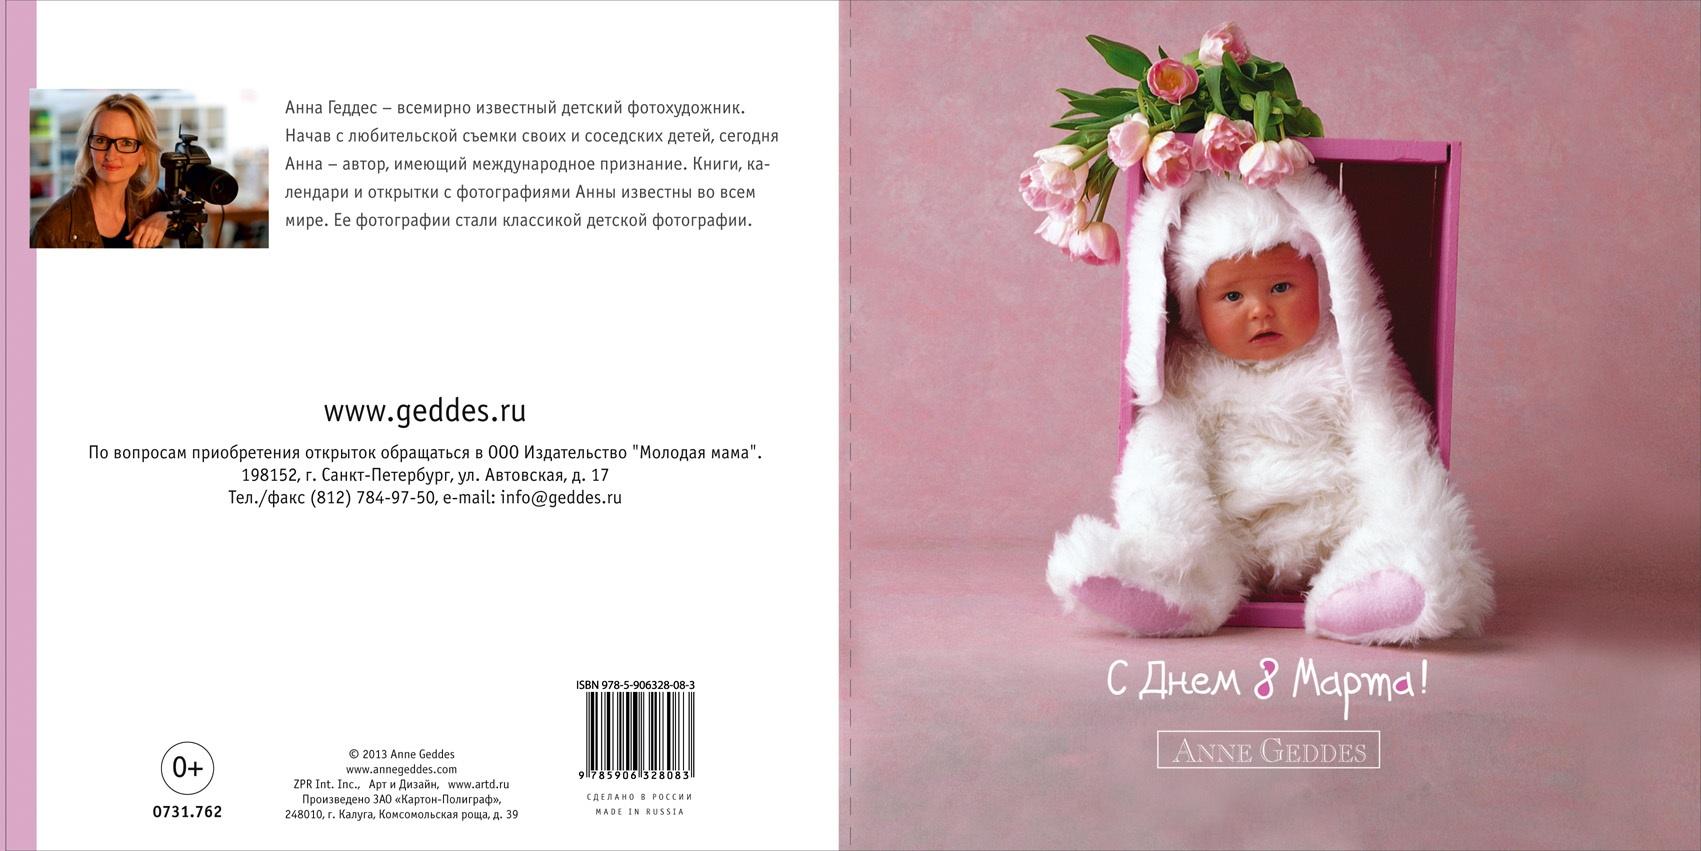 Очаровательные открытки  http://ww...